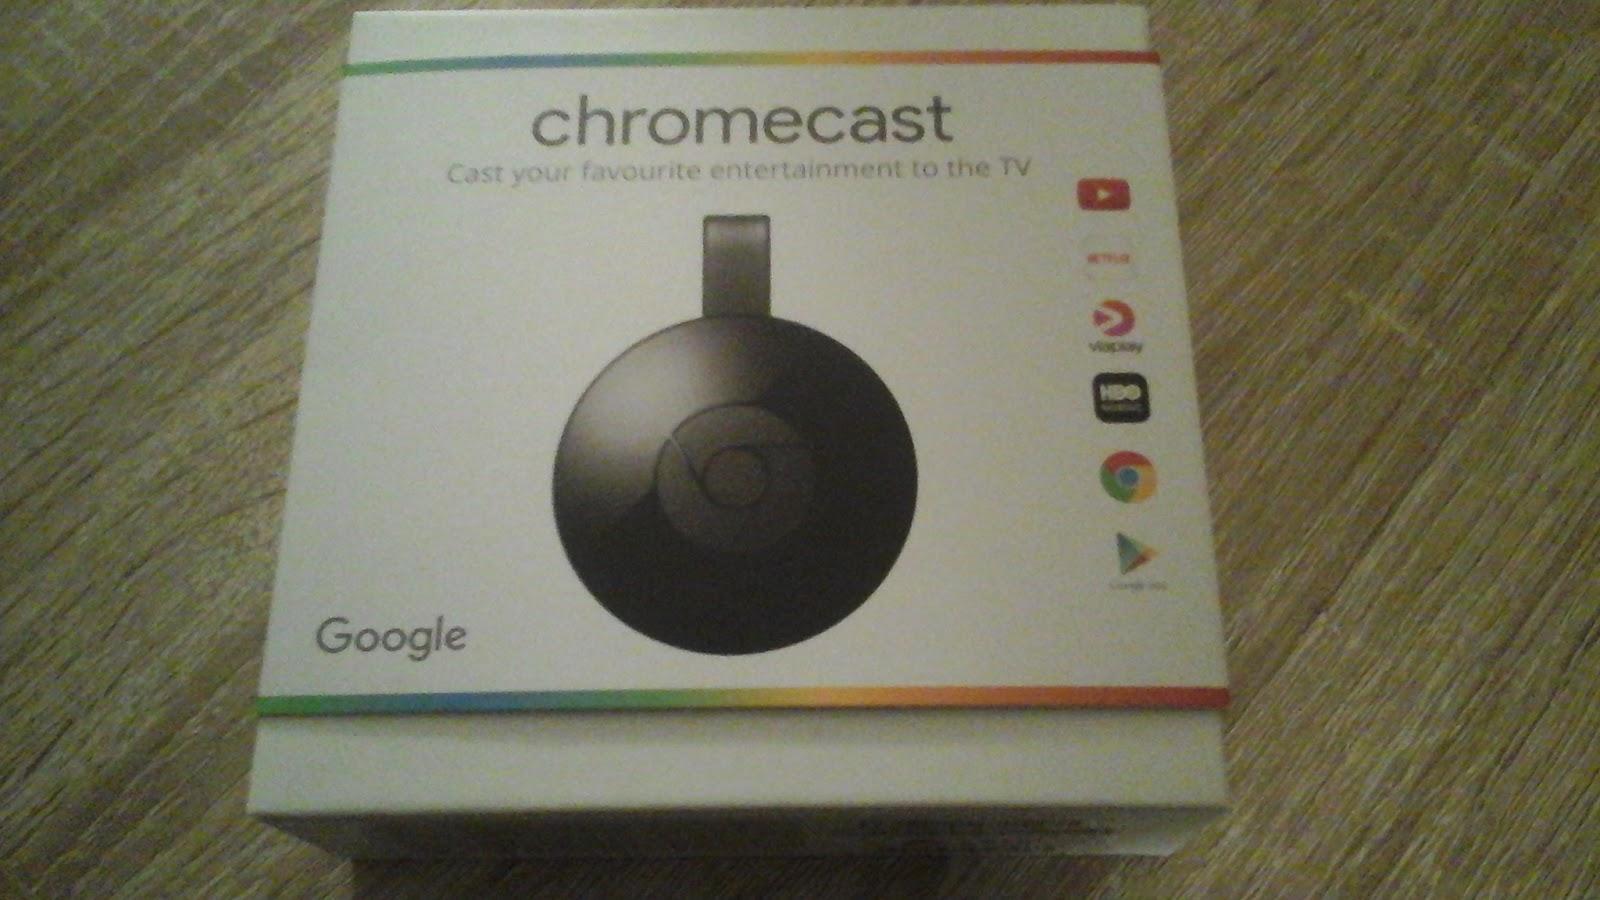 chromecast comhem